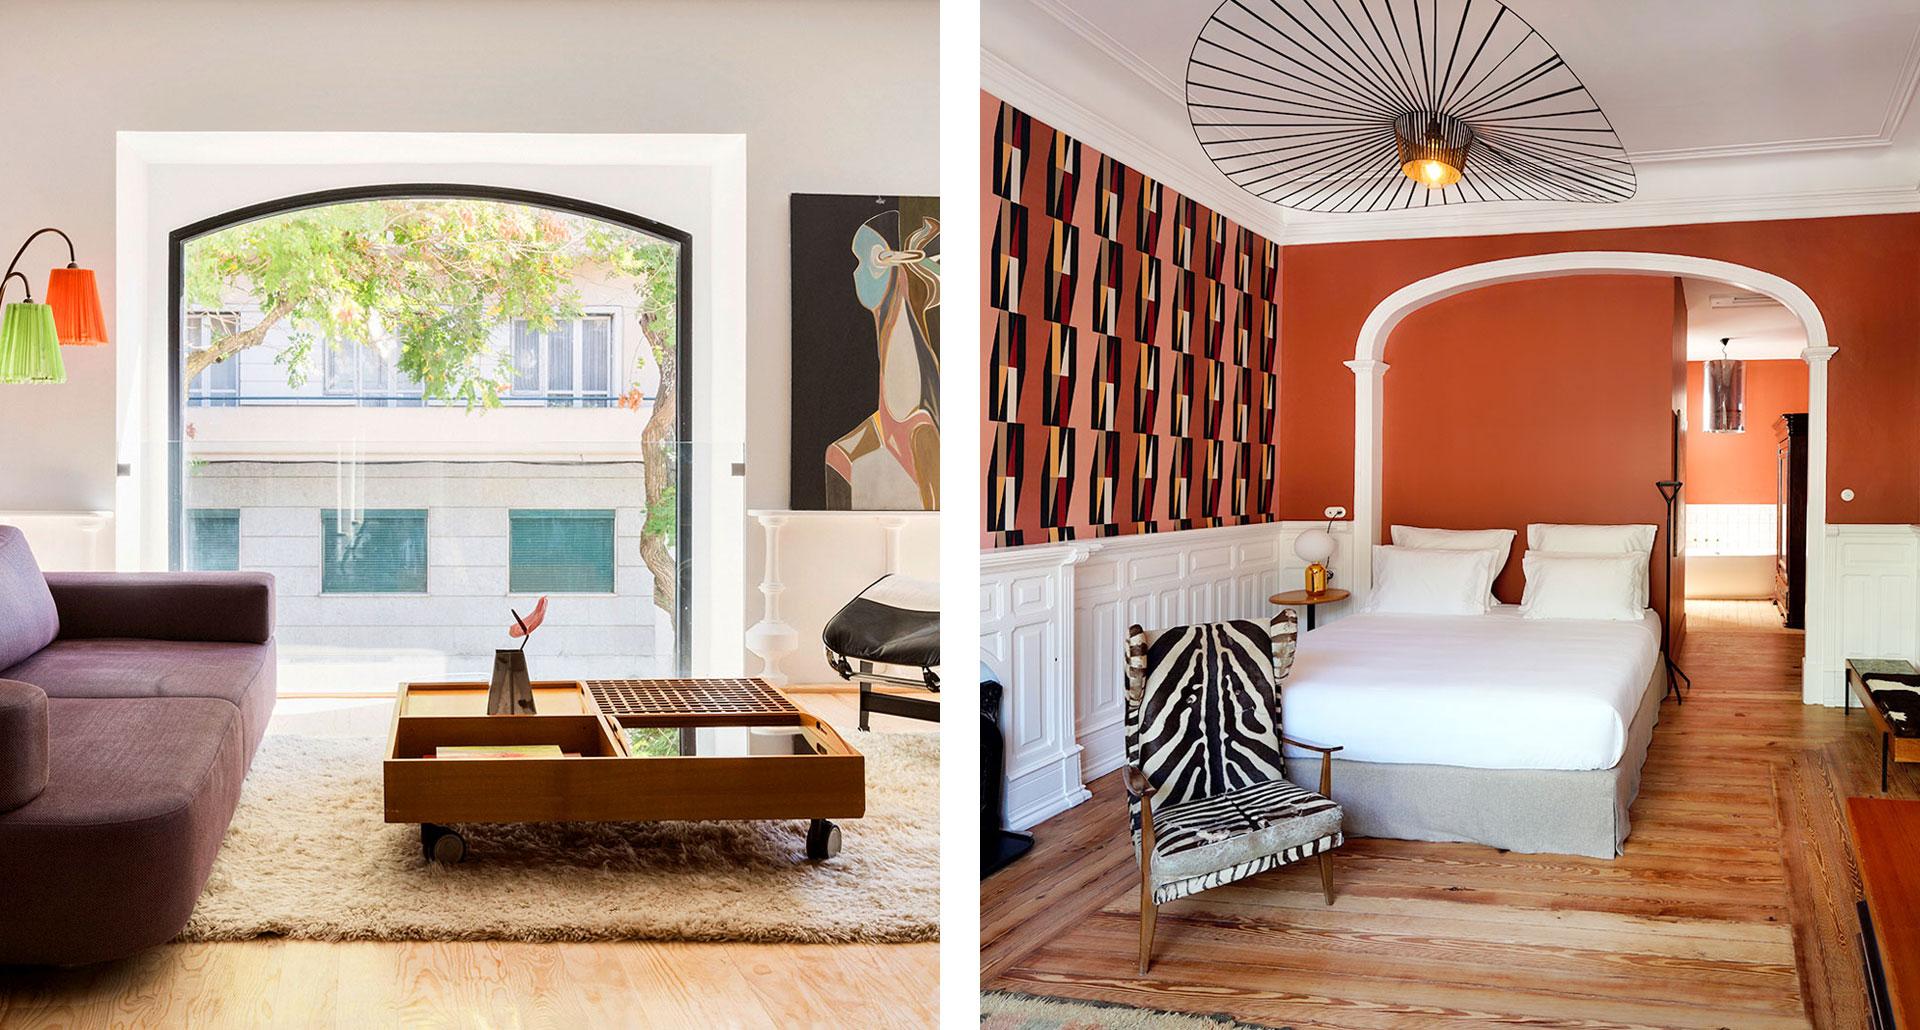 Casa Fortunato - boutique hotel in London